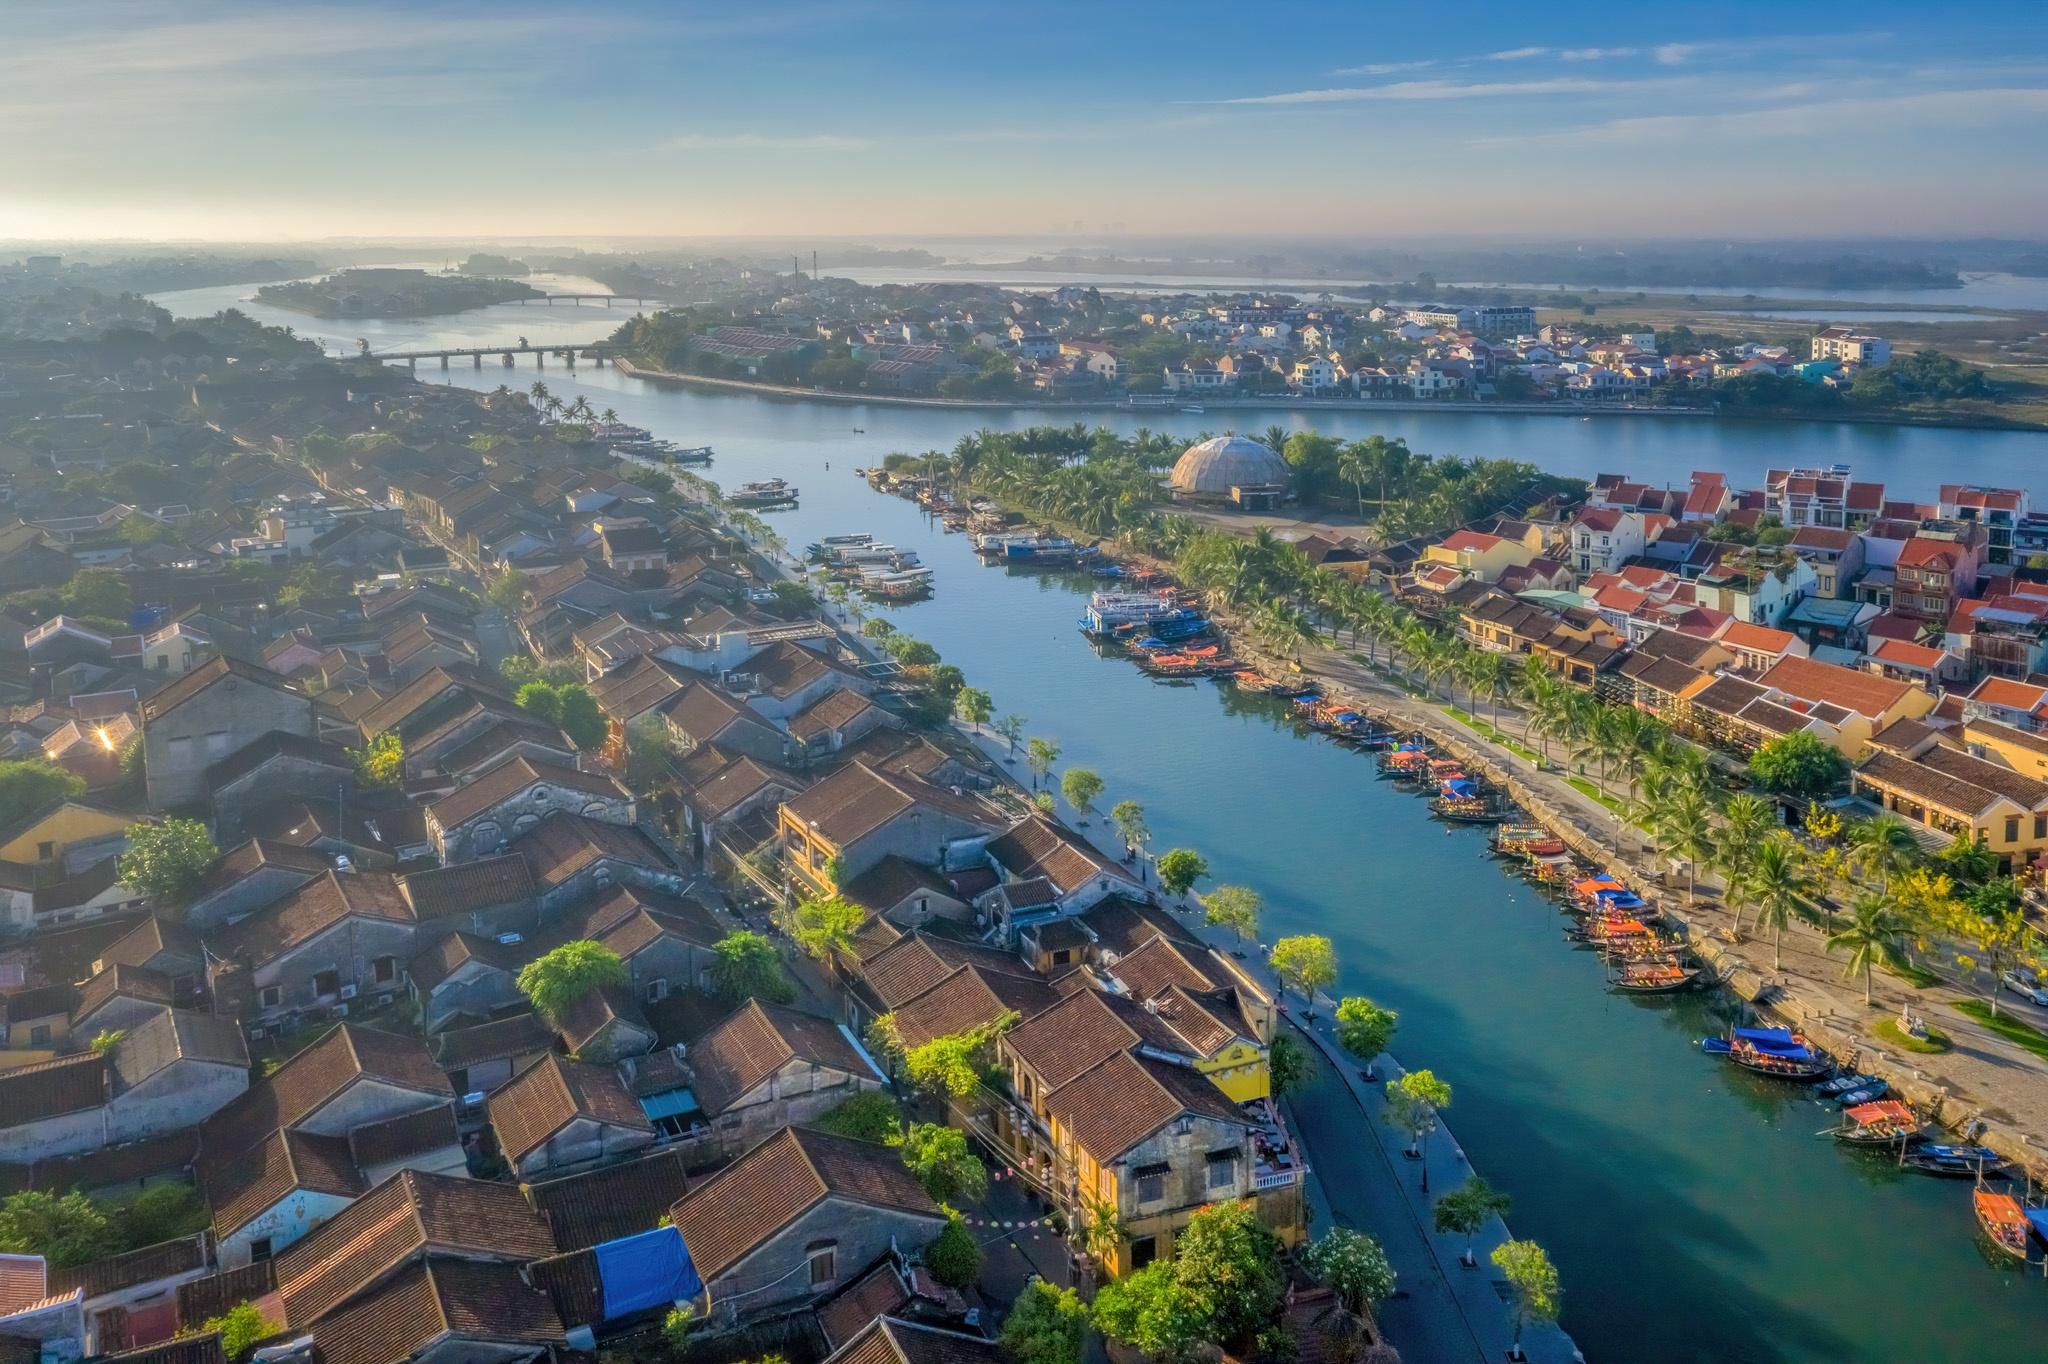 du lich viet nam anh 4  - 14 - Tỉnh nào ở Việt Nam có nhiều hơn một thành phố?